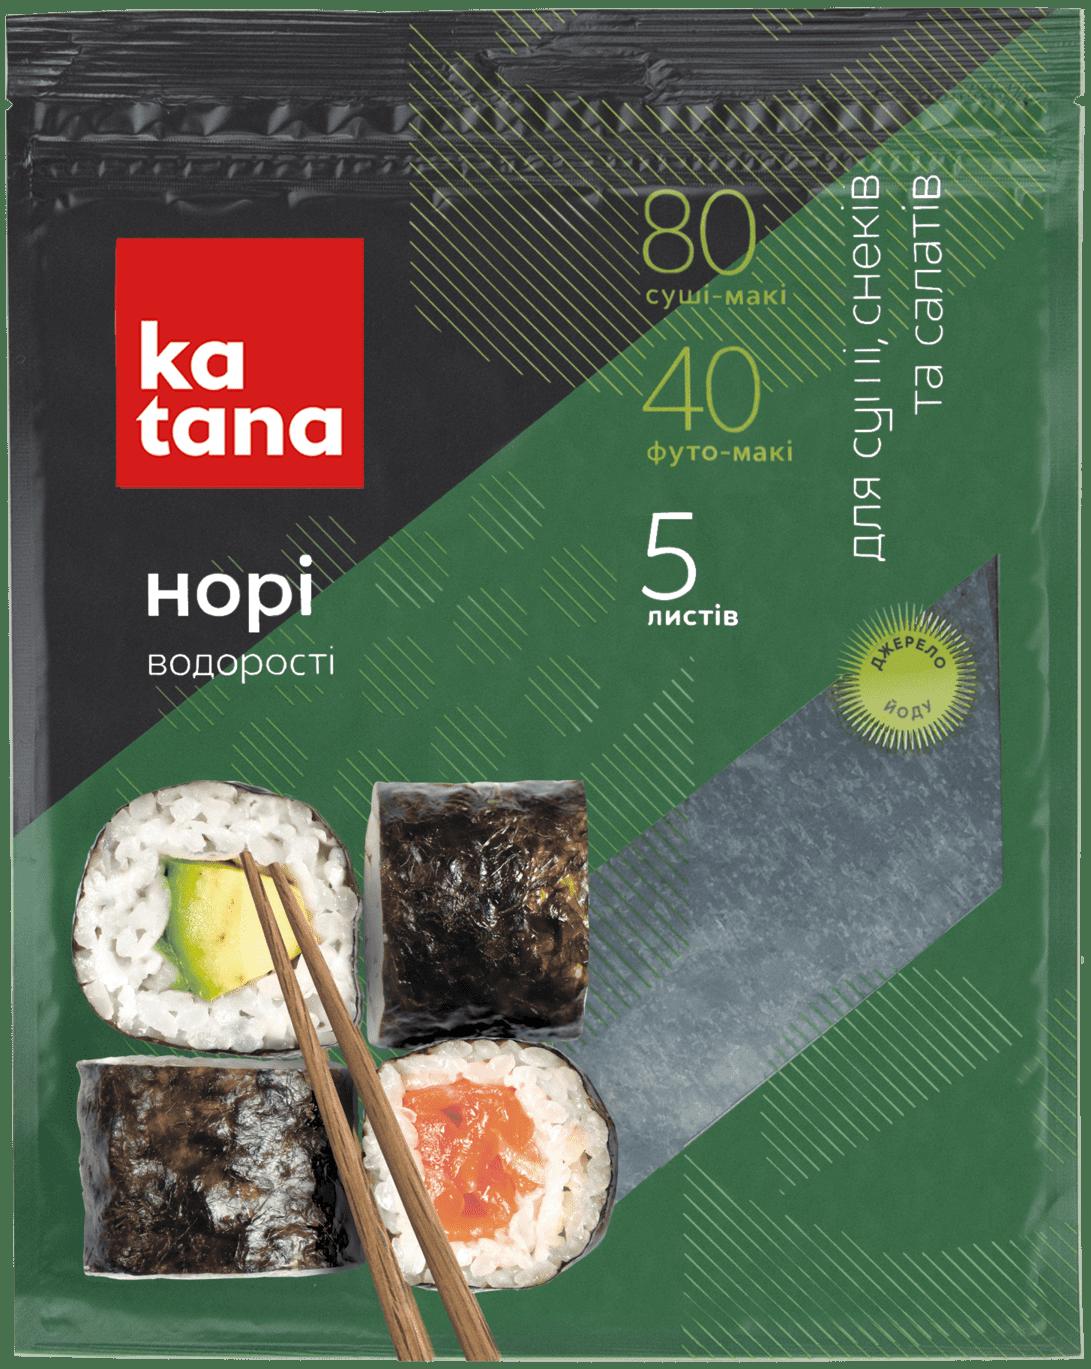 водоросли нори katana 5 листов